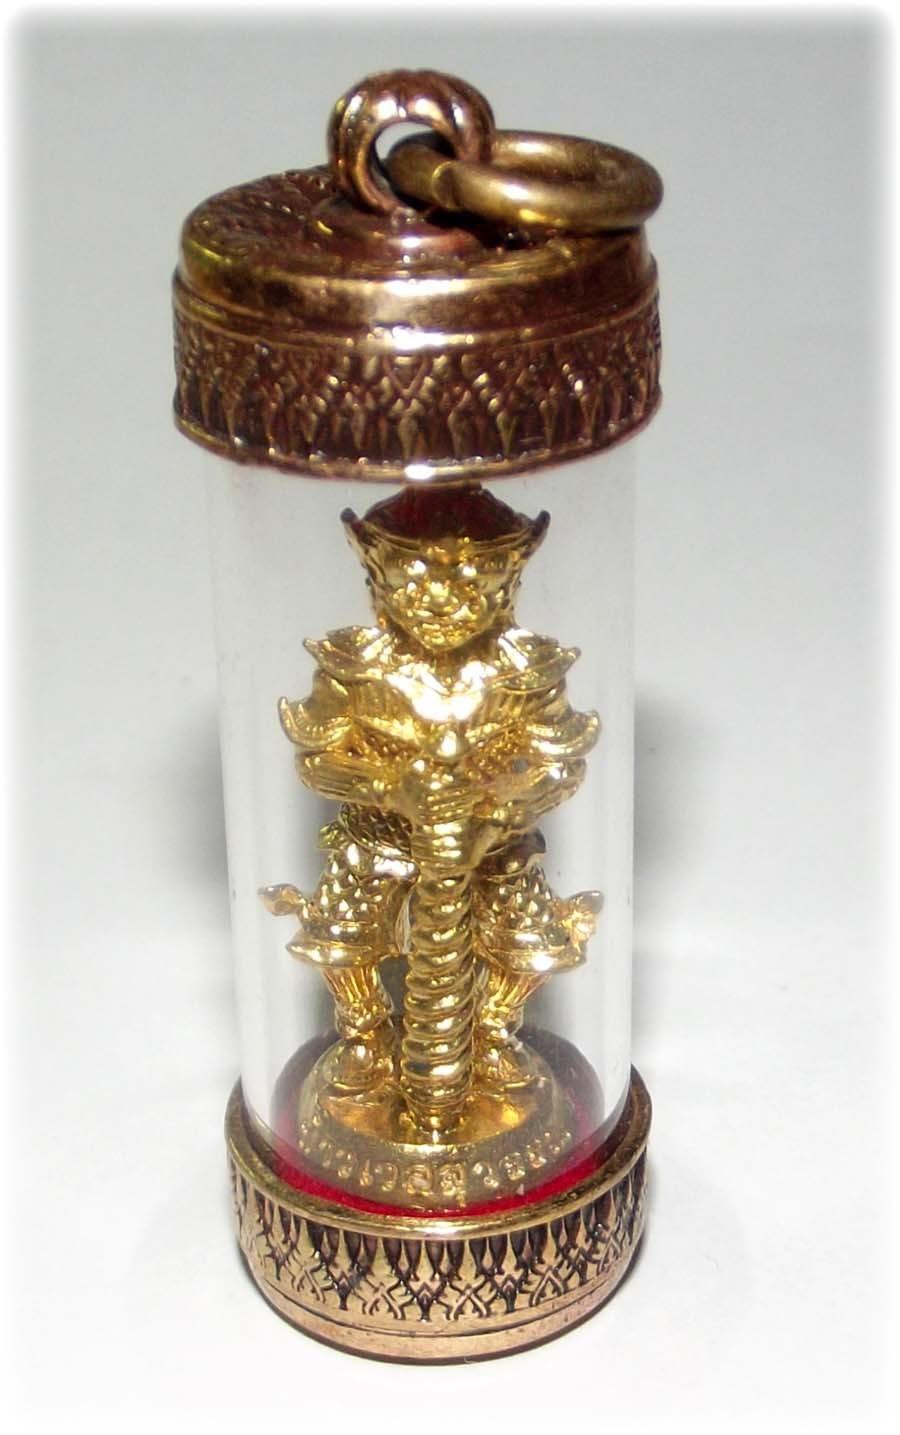 Thai Buddhist Amulets by LP Foo - Taw Waes Suwan